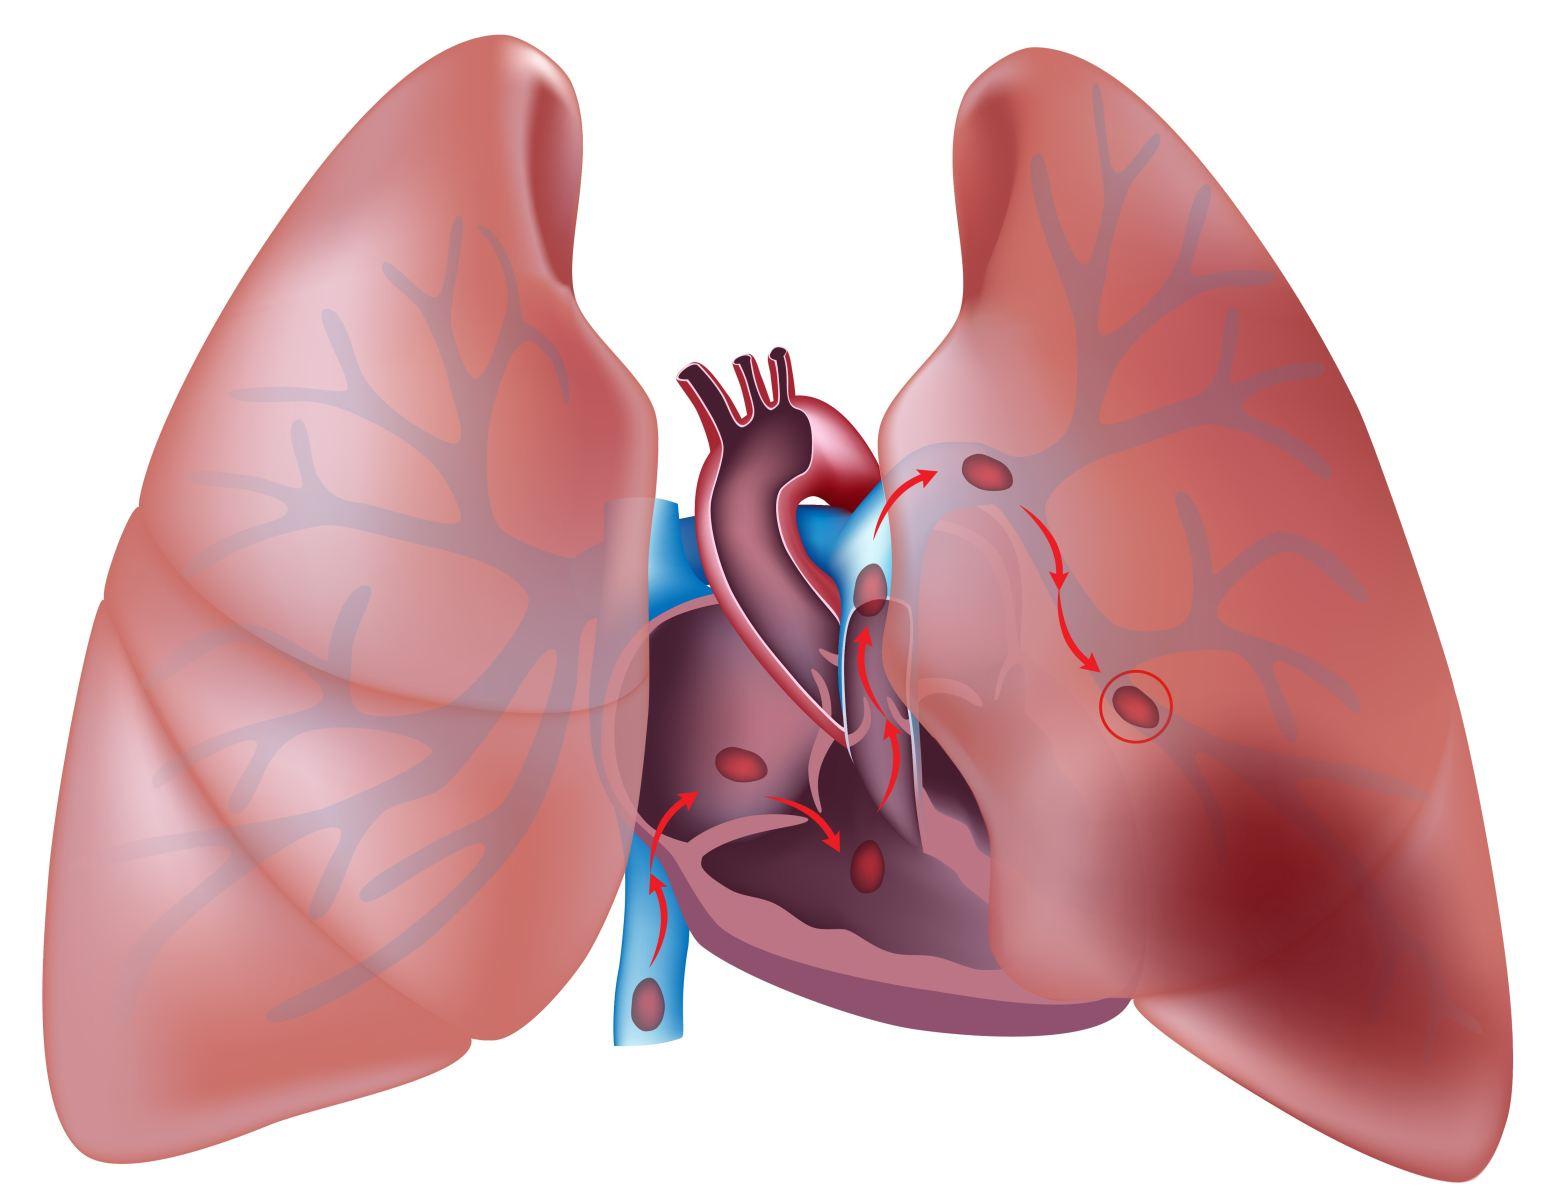 Геморрагический инфаркт легкого микропрепарат описание